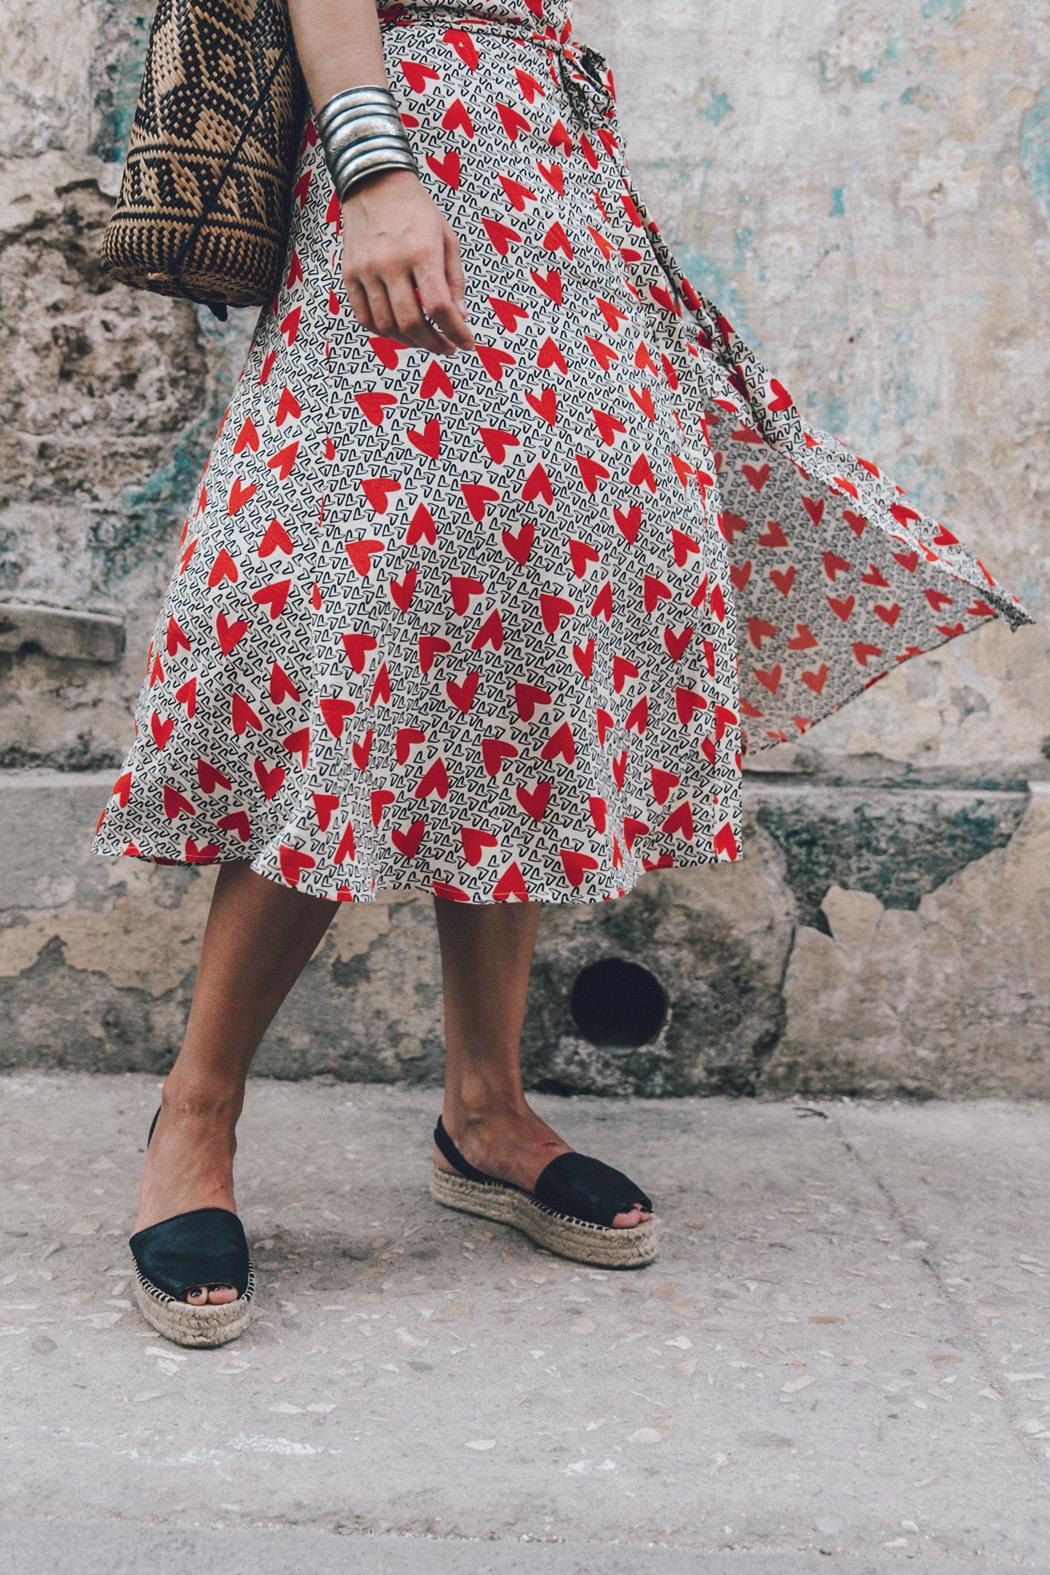 Cuba-La_Habana_Vieja-Hearts_Dress-Styled_By_Me-Aloha_Espadrilles-Outfit-Street_Style-Dress-Backpack-48